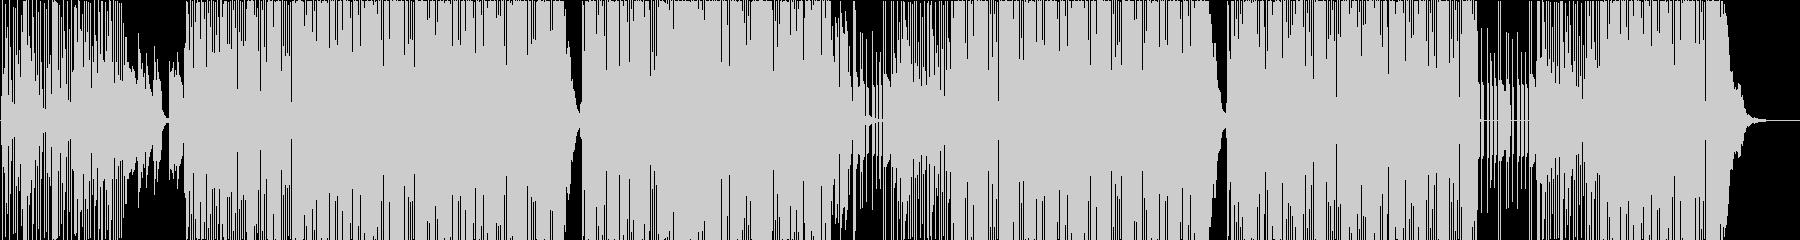 60~70年代映画・TV音楽系サウンドの未再生の波形